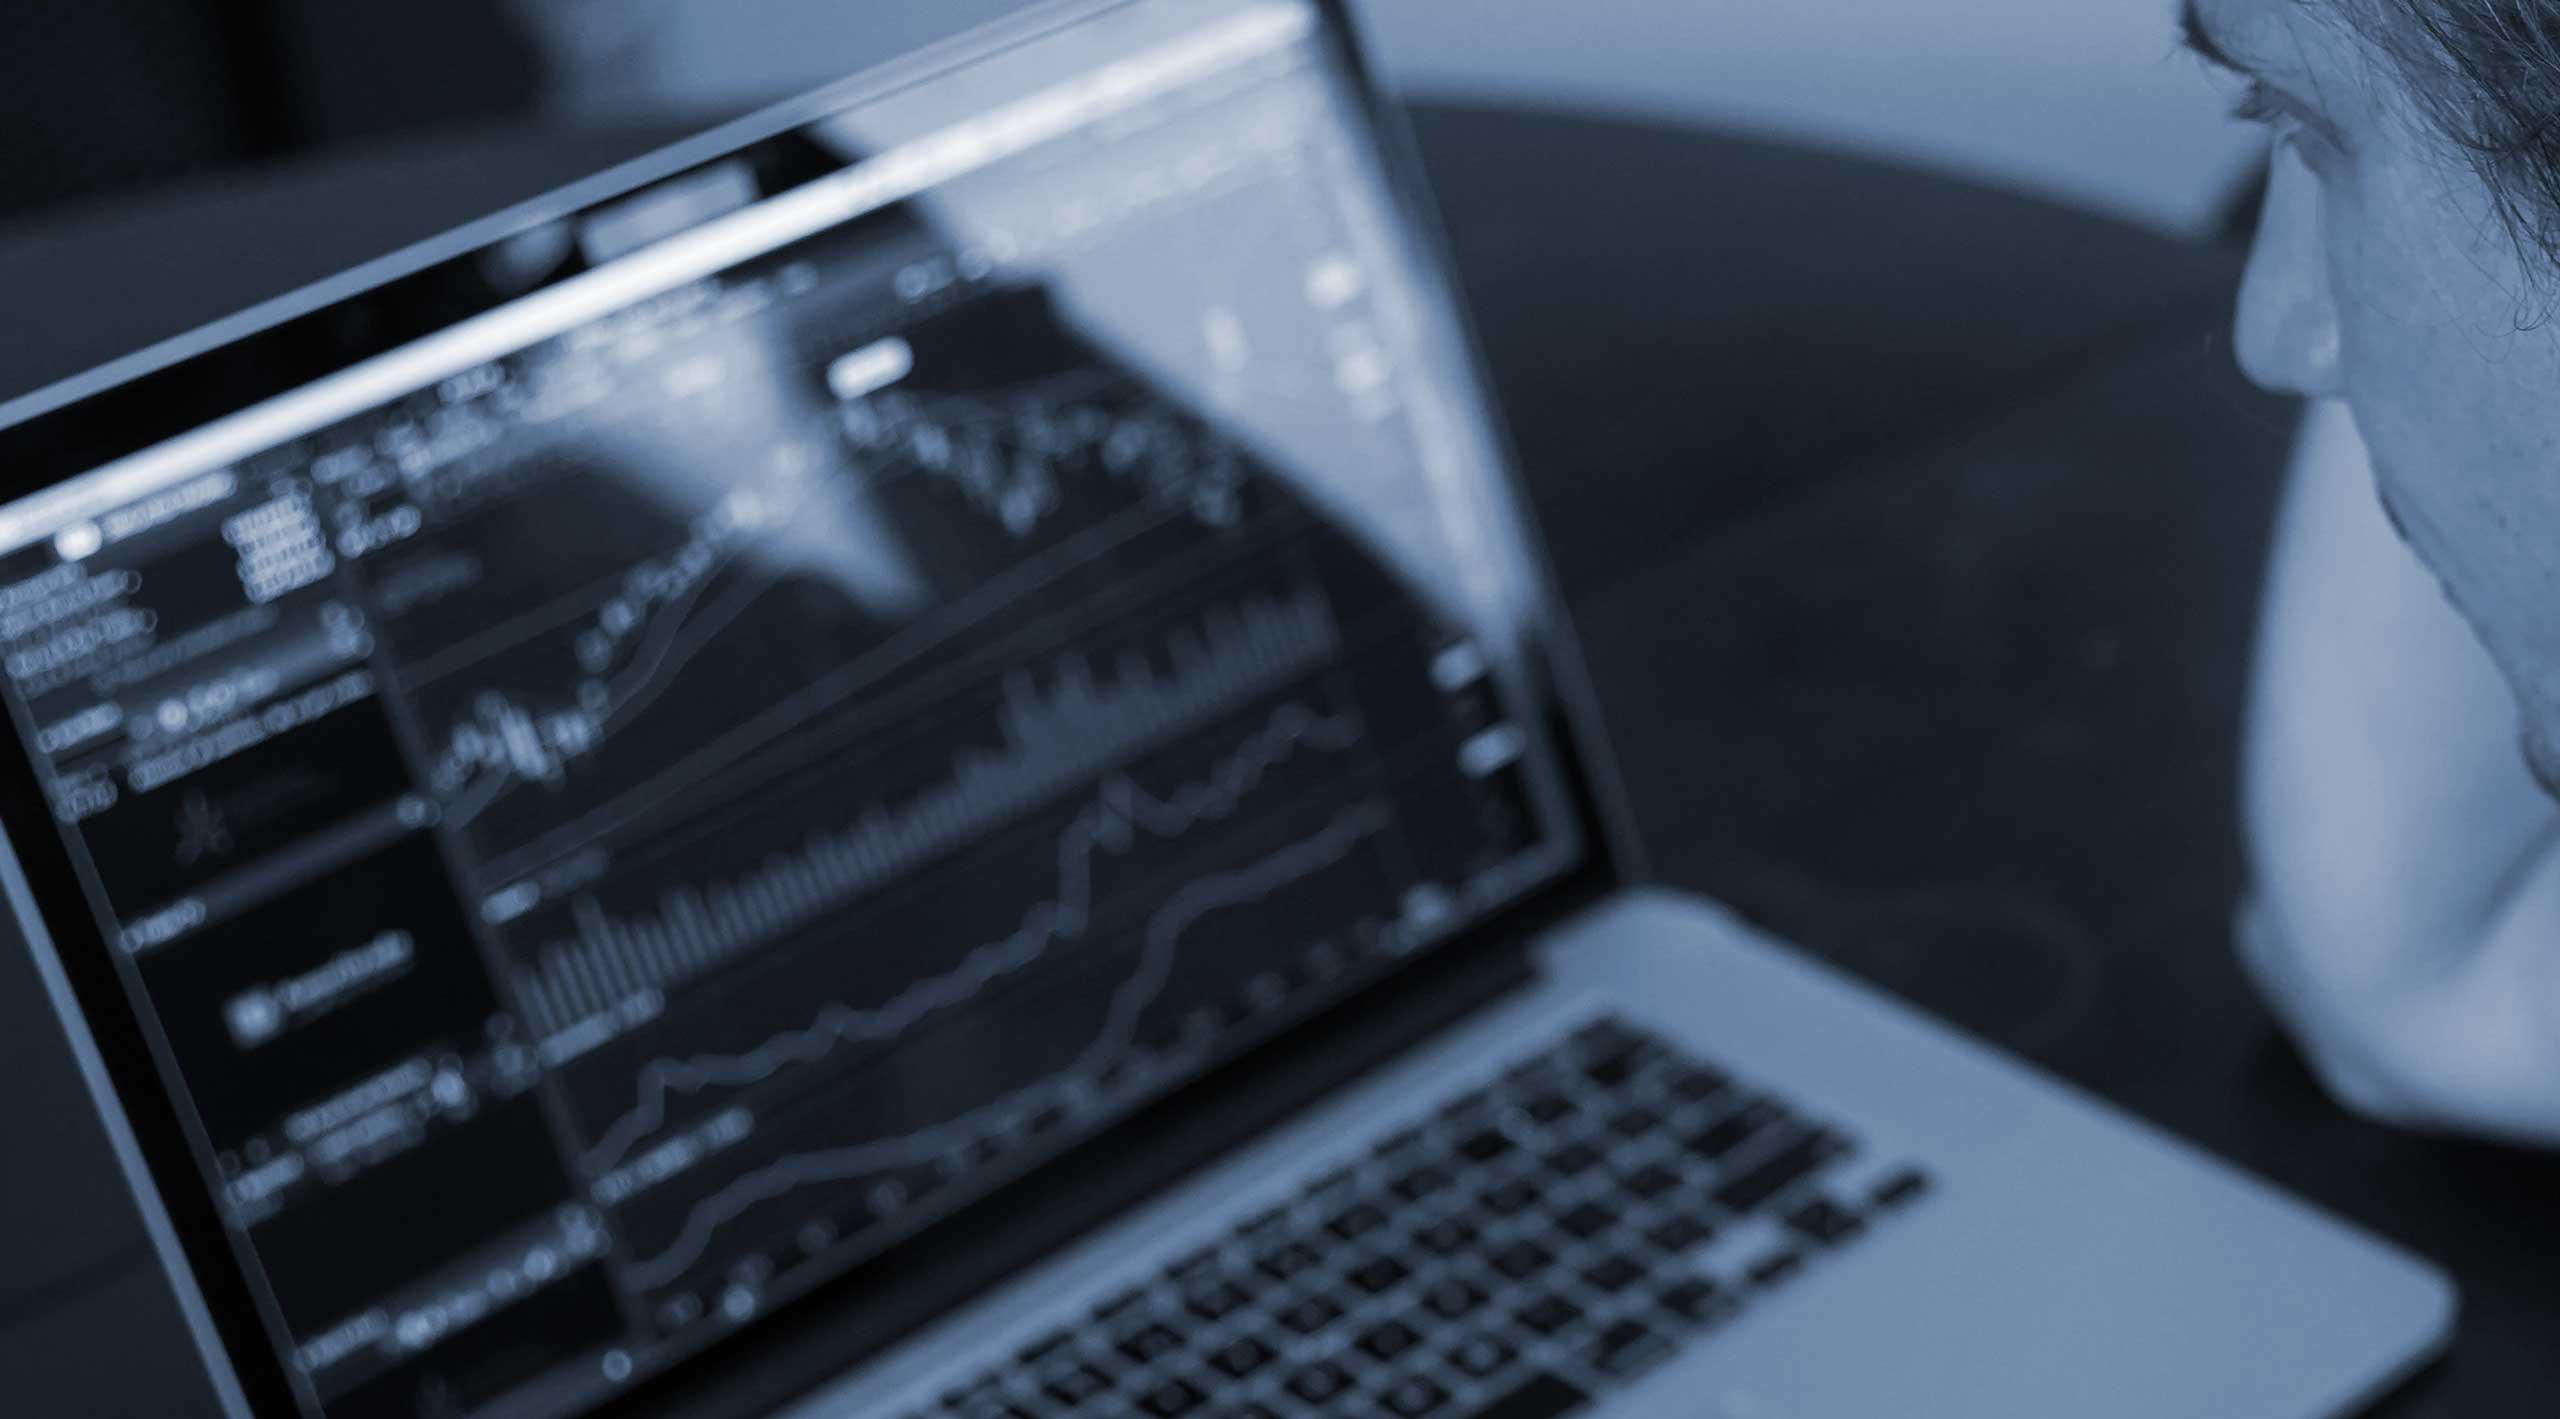 Comisión para el Mercado Financiero (CMF) publica normativa que permite el registro automático de títulos de deuda en el Registro de Valores